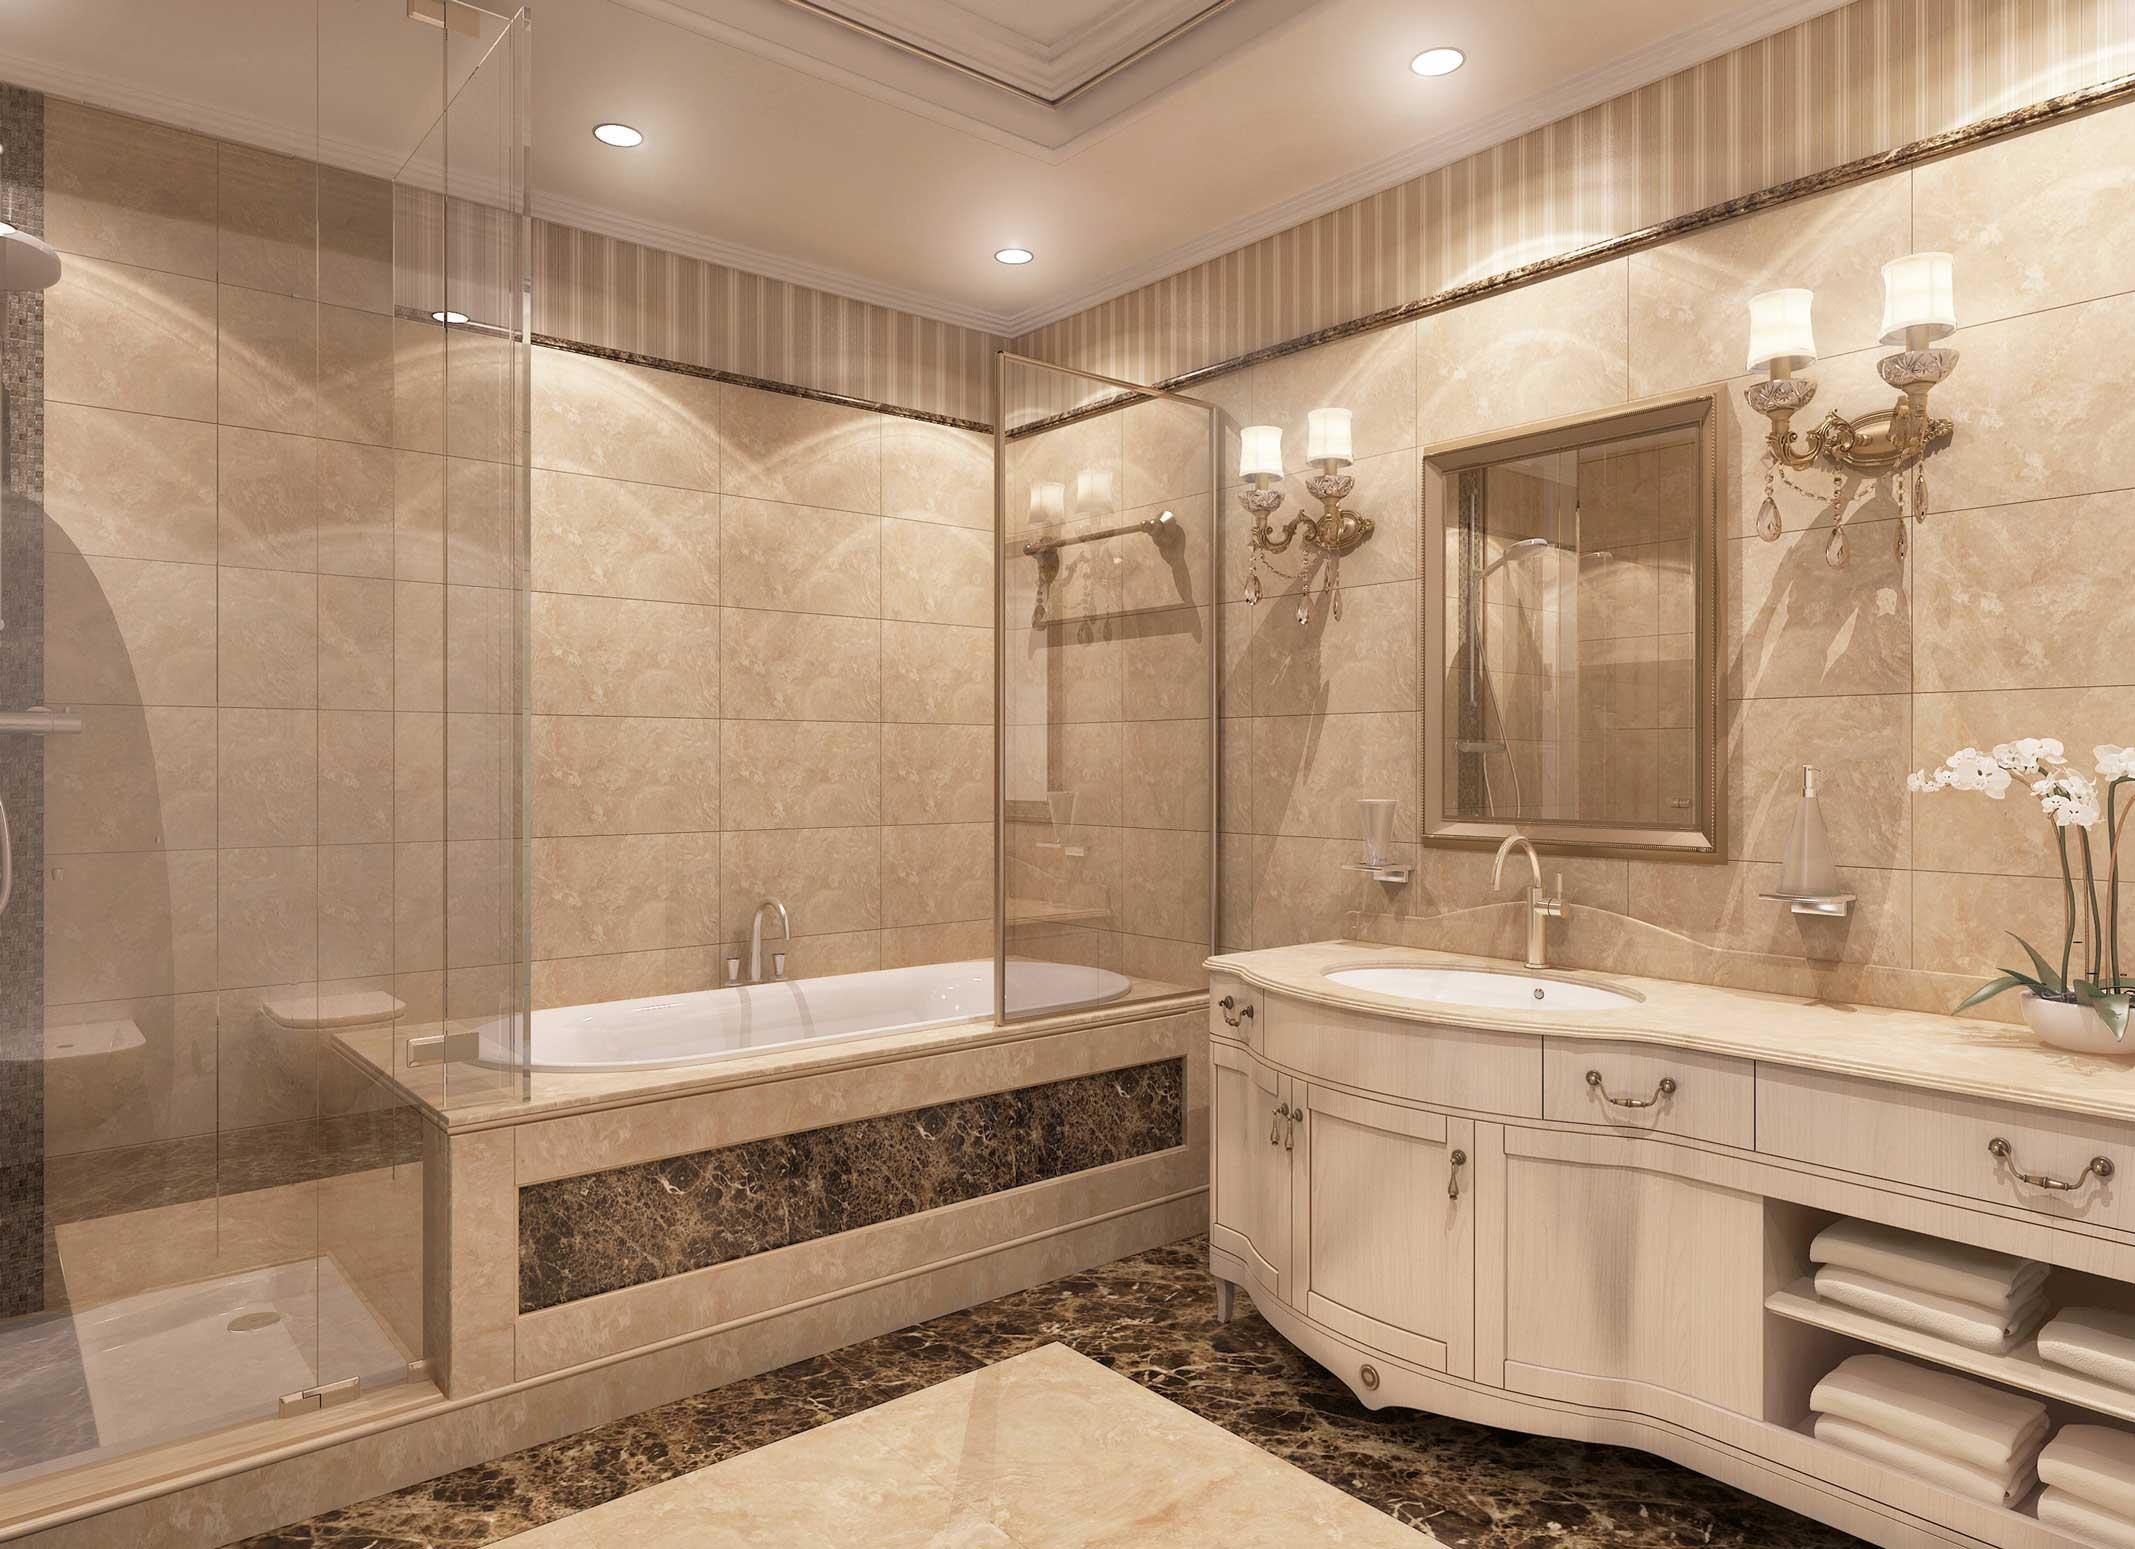 Hotel President, tipsko kupatilo, Moskva, Rusija